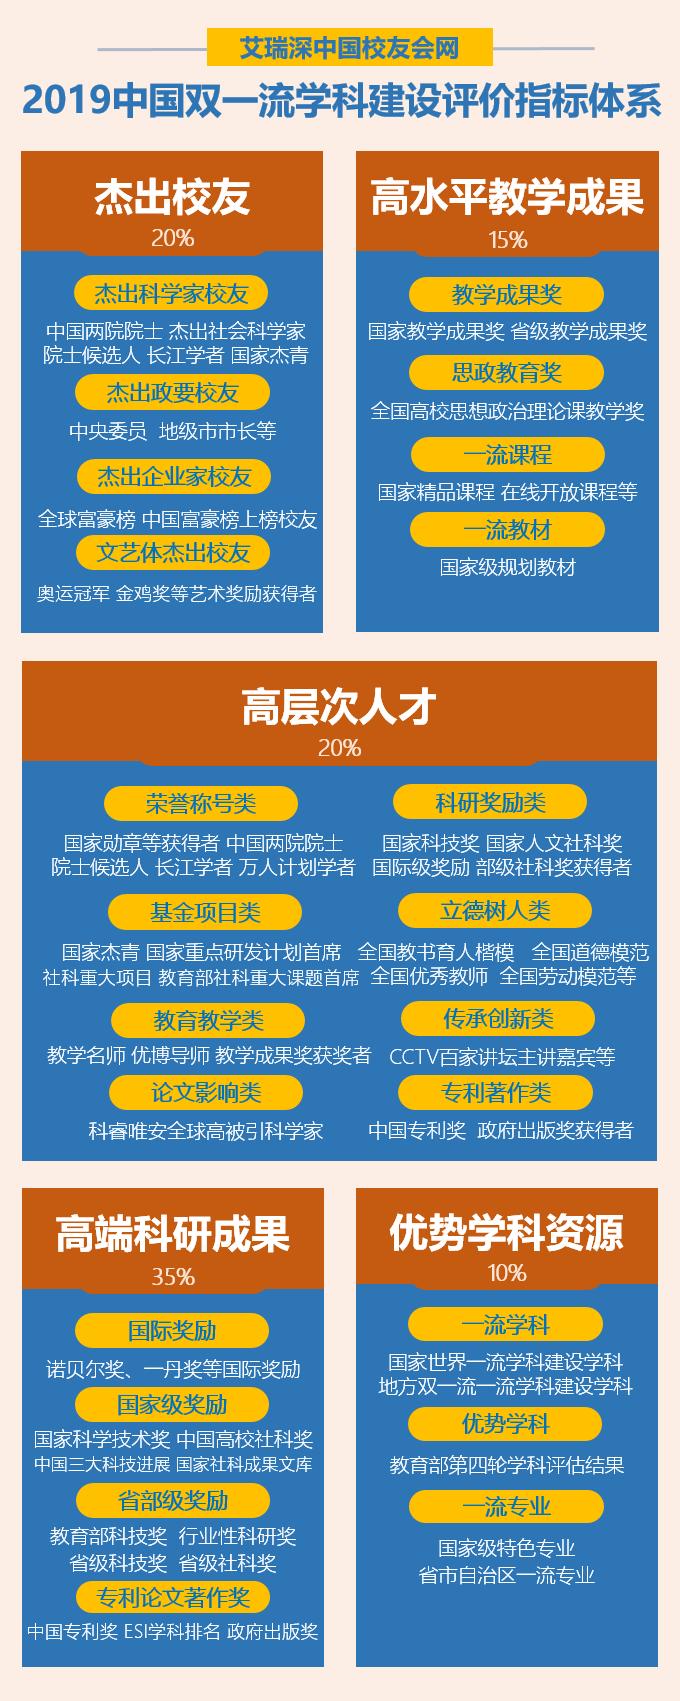 校友会2019湖南省一流学科排名,中南大学第一